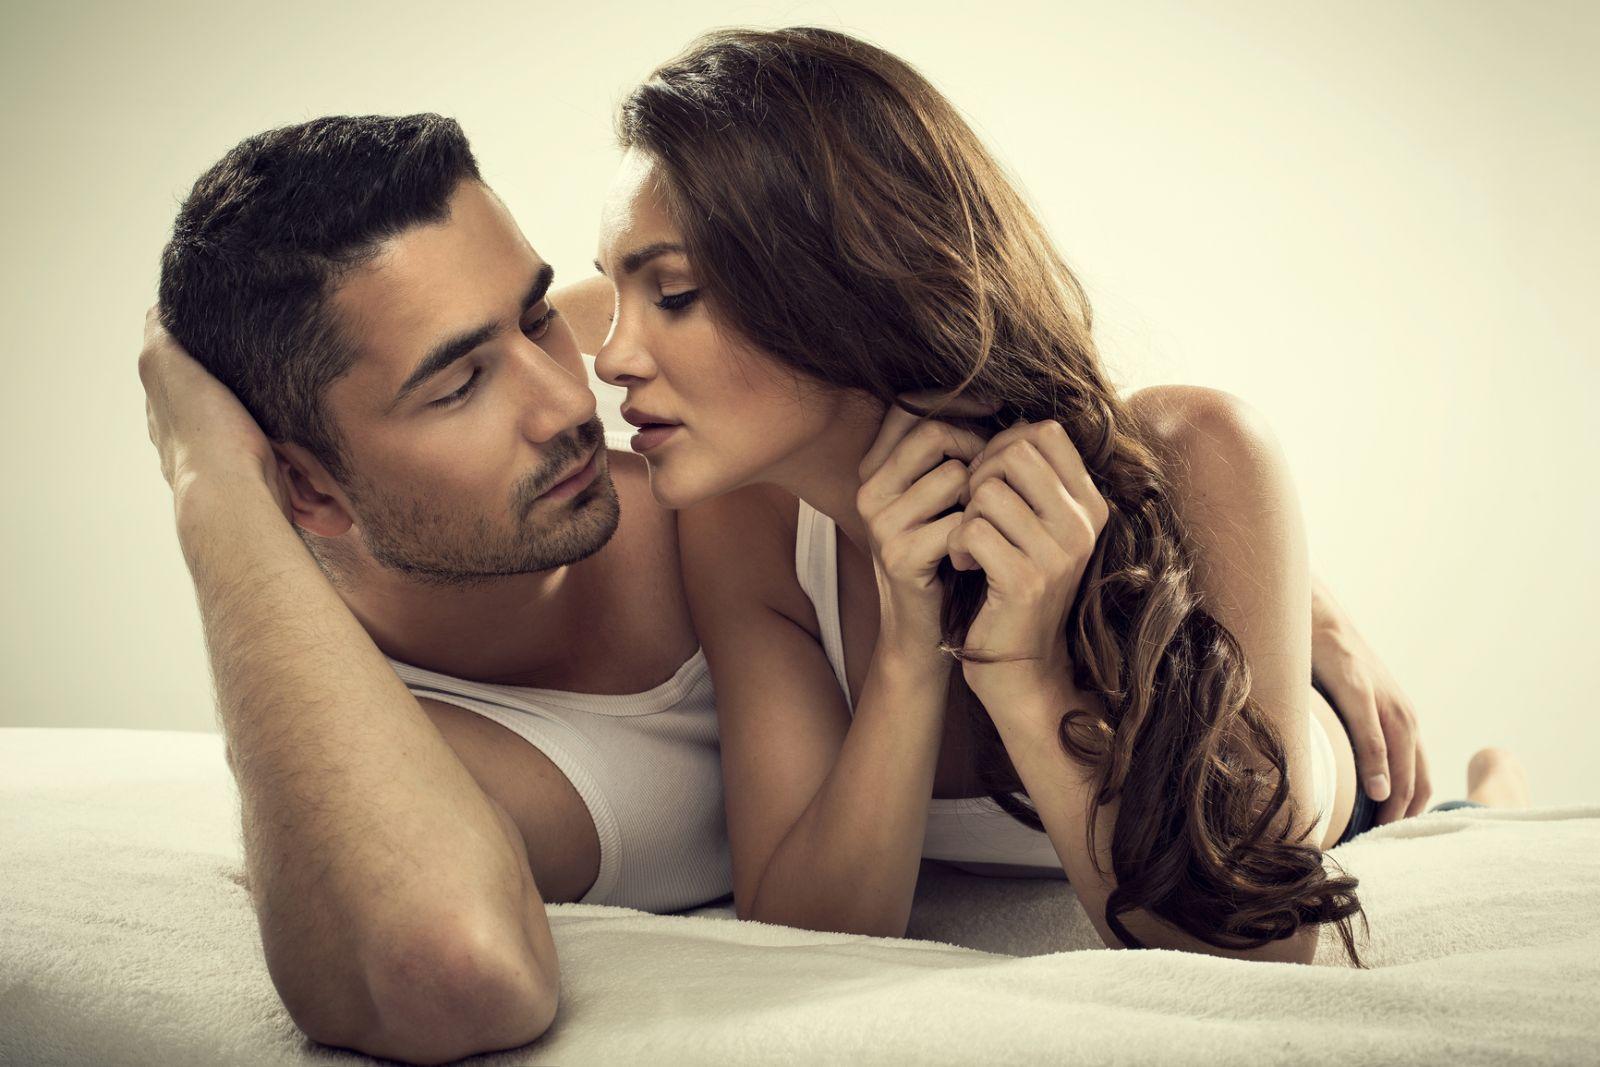 Можно ли заниматься сексом на первом свидании - фото №1